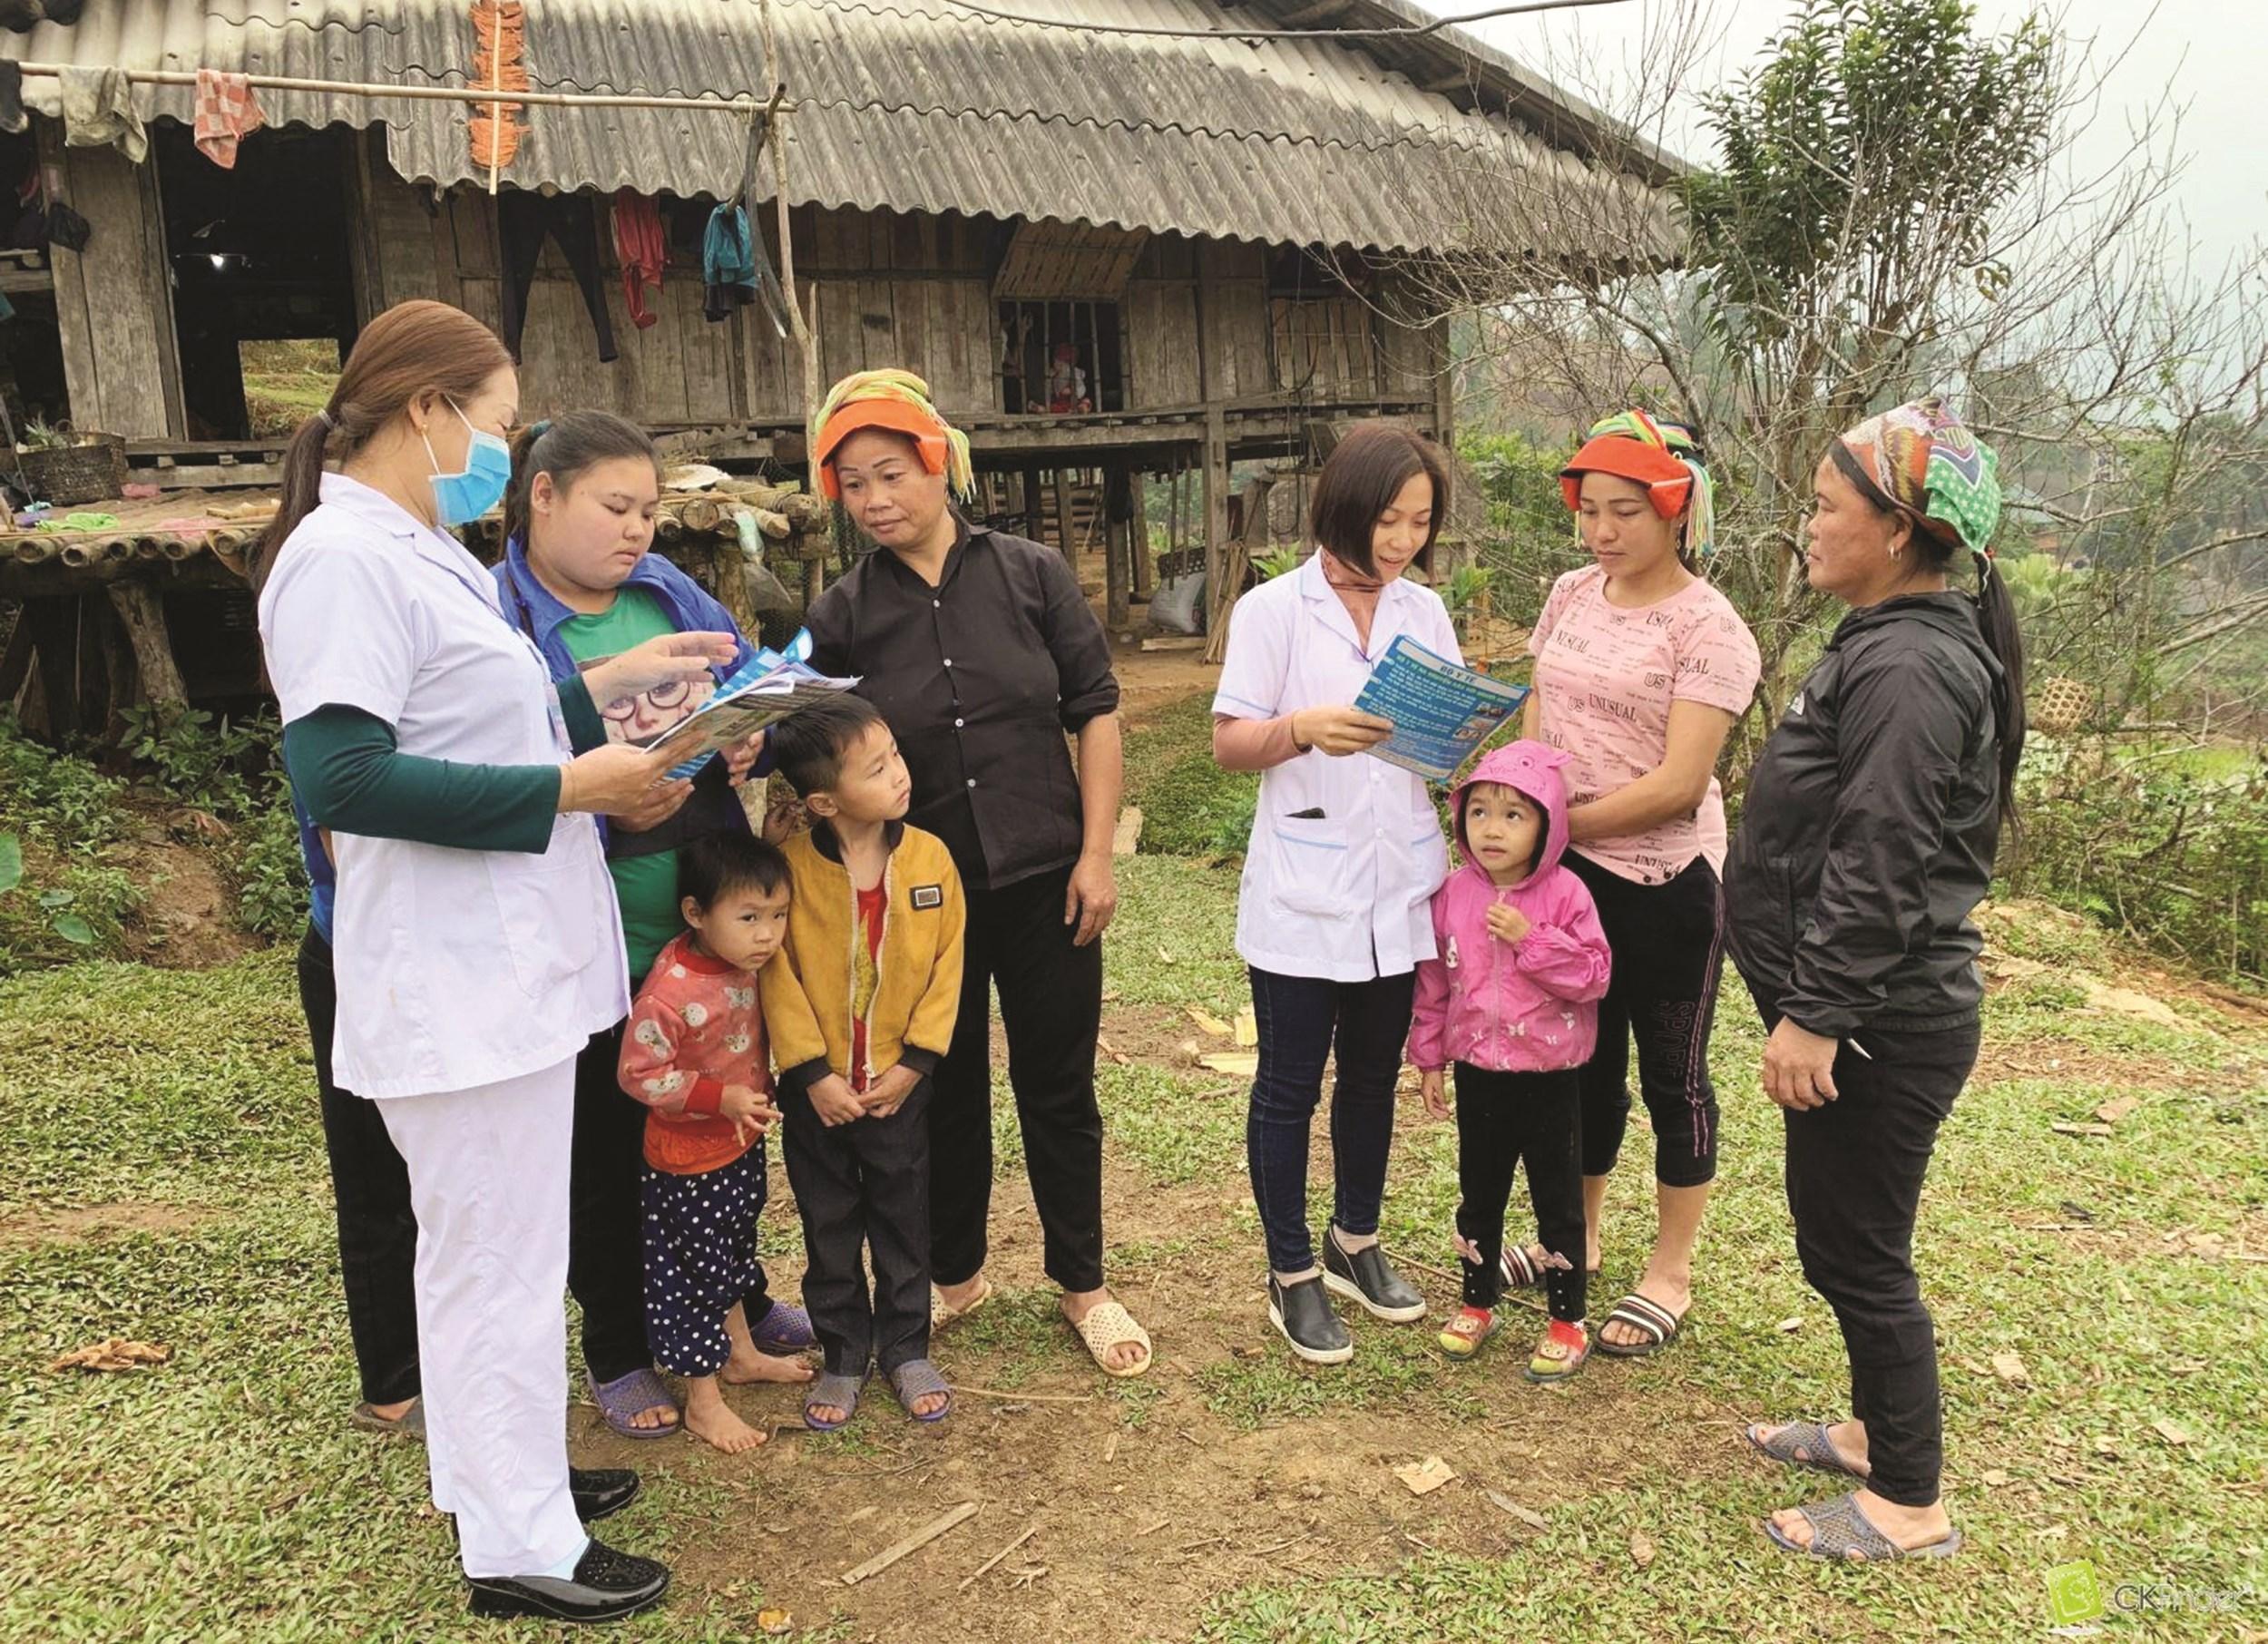 Đội ngũ Y tế thôn bản được xem là cánh tay nối dài của ngành y tế trong công tác chăm sóc sức khỏe cộng đồng.